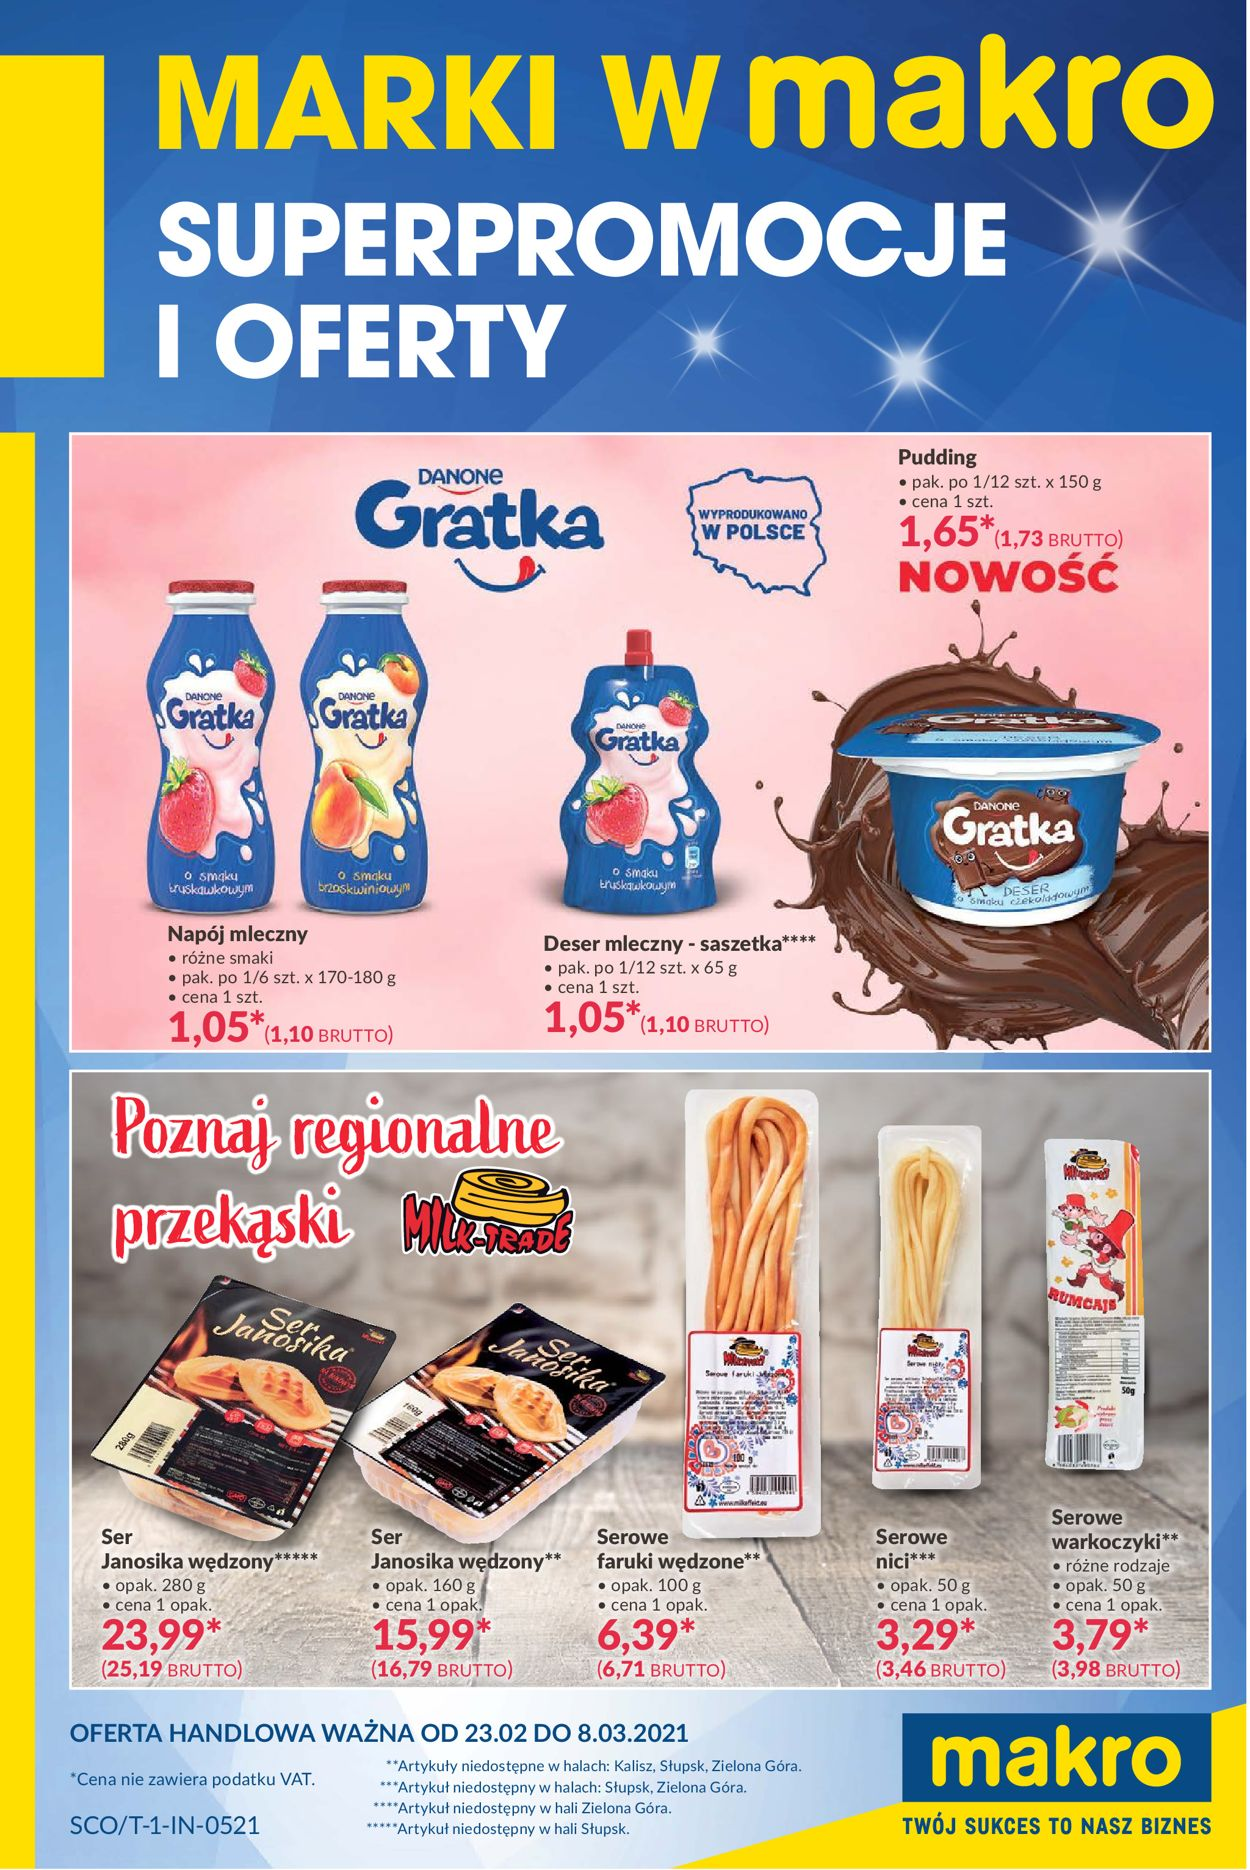 Gazetka promocyjna Makro Marki w MAKRO - 23.02-08.03.2021